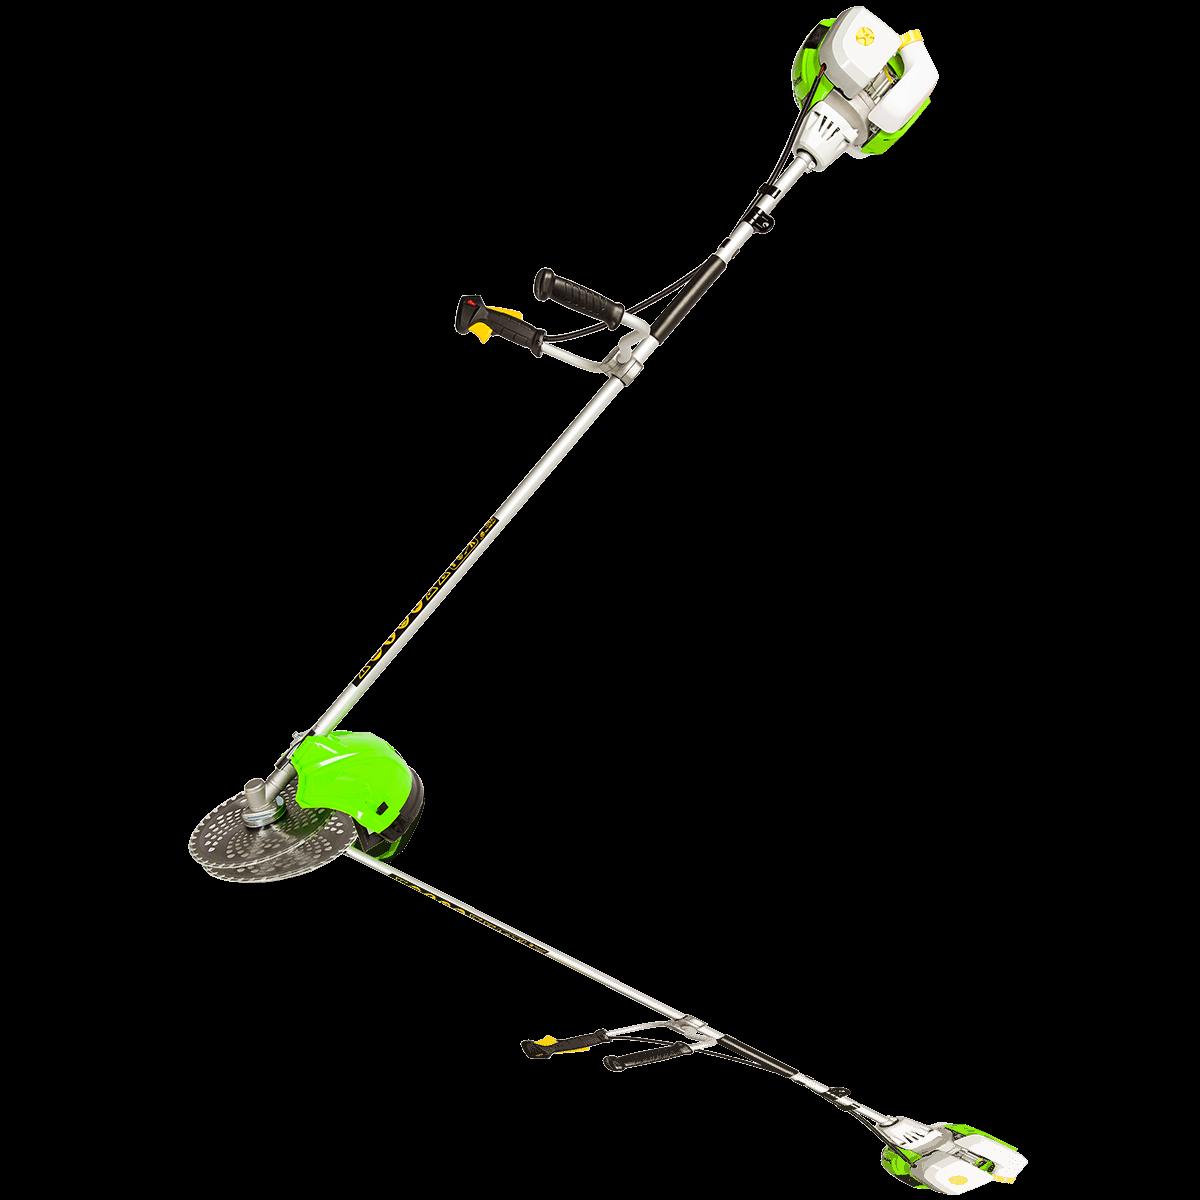 Триммер Бензиновый Gartner BCG-3045